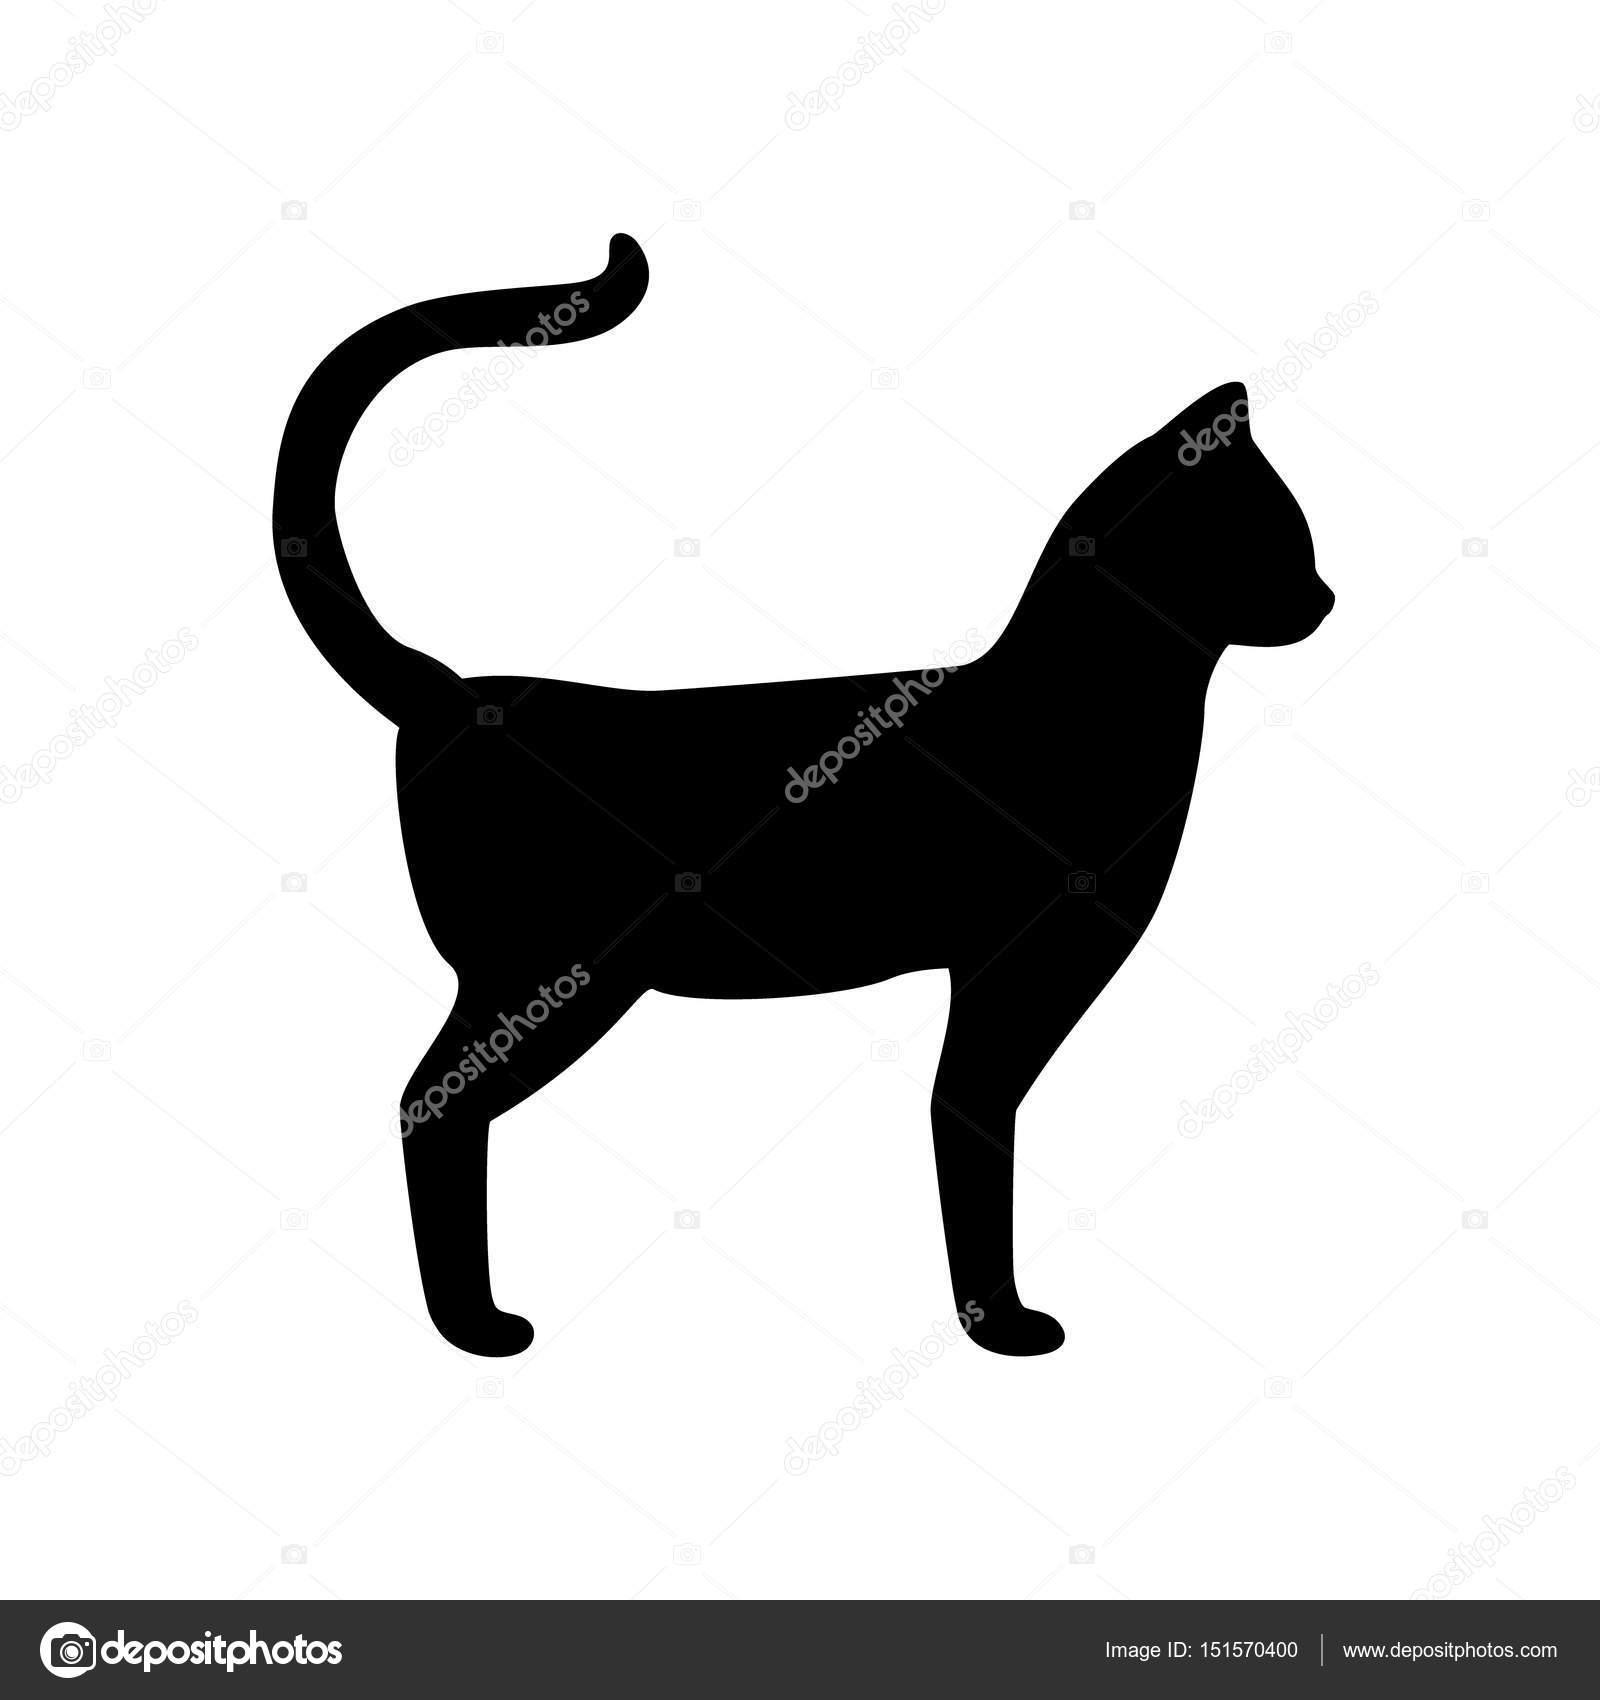 Trama de silueta de gato — Foto de stock © viktorijareut #151570400